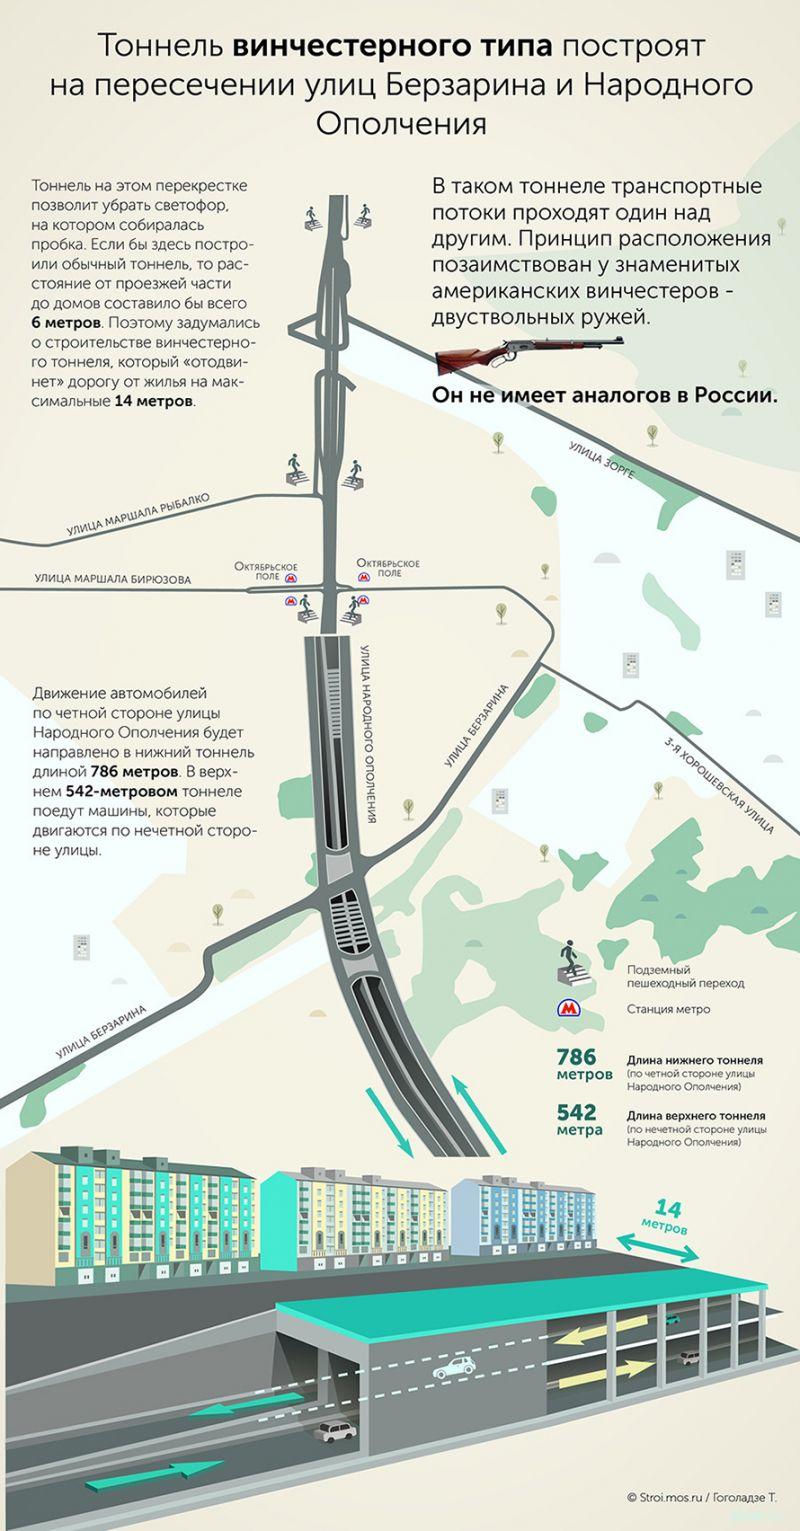 В Москве появился первый двухэтажный тоннель